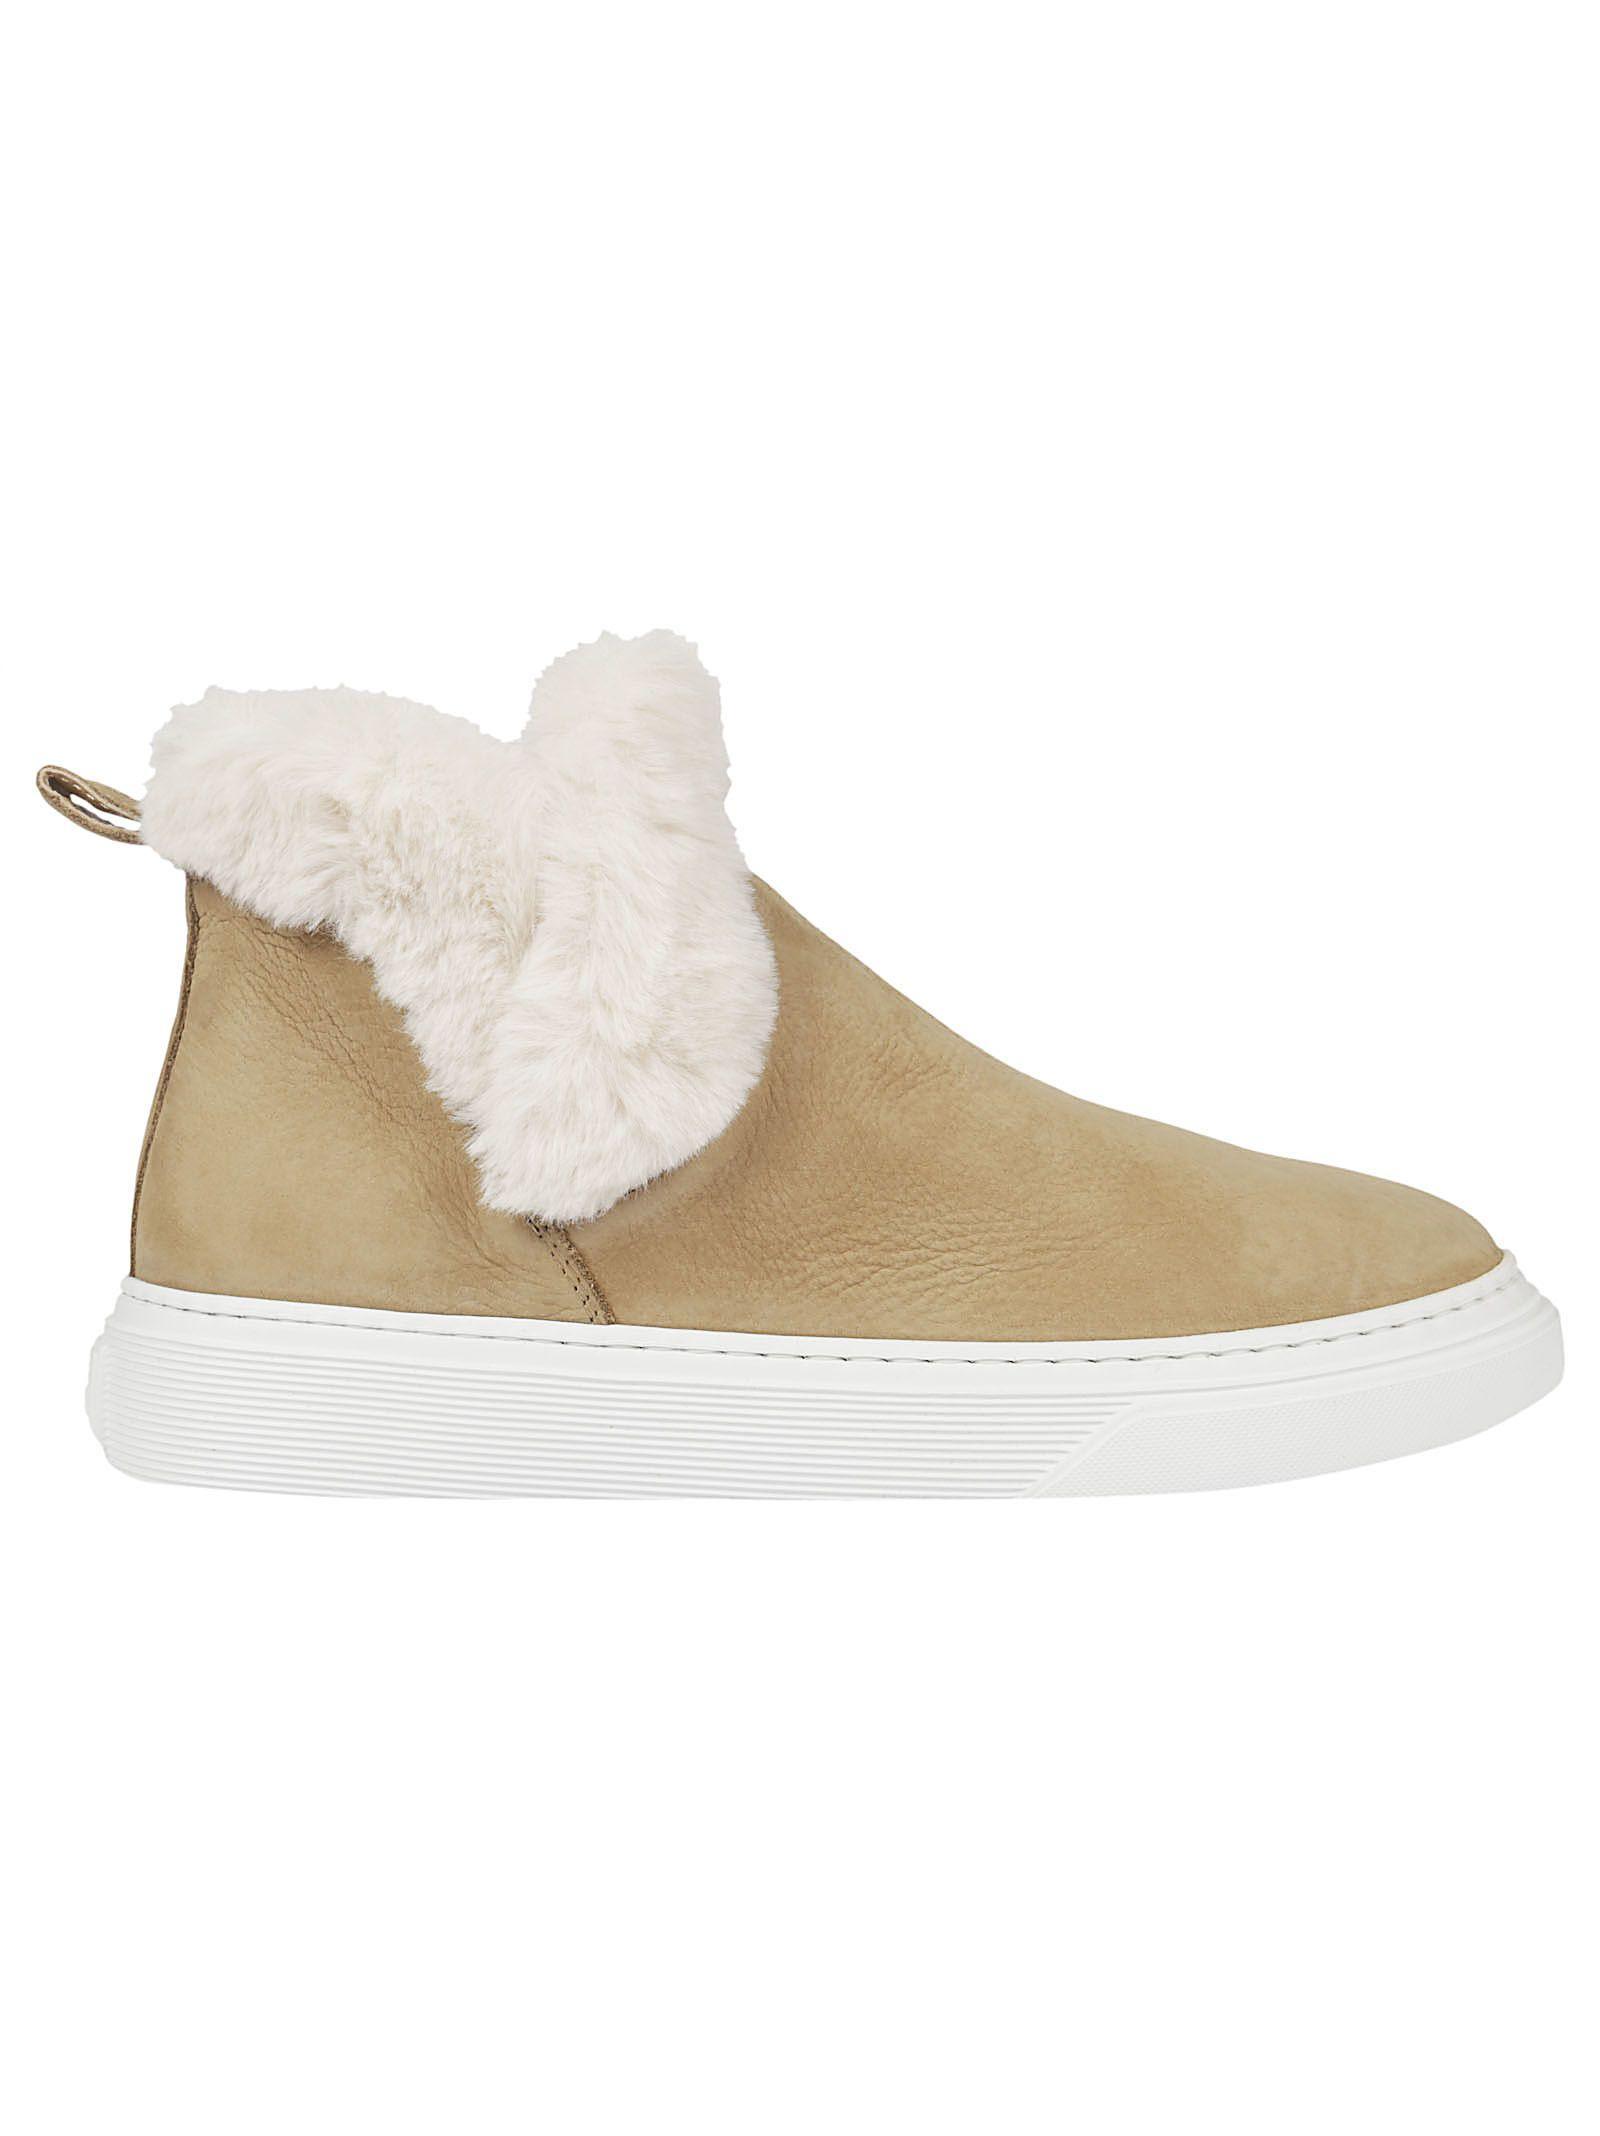 Hogan Wintery Feeling Slip-on Sneakers In Beige